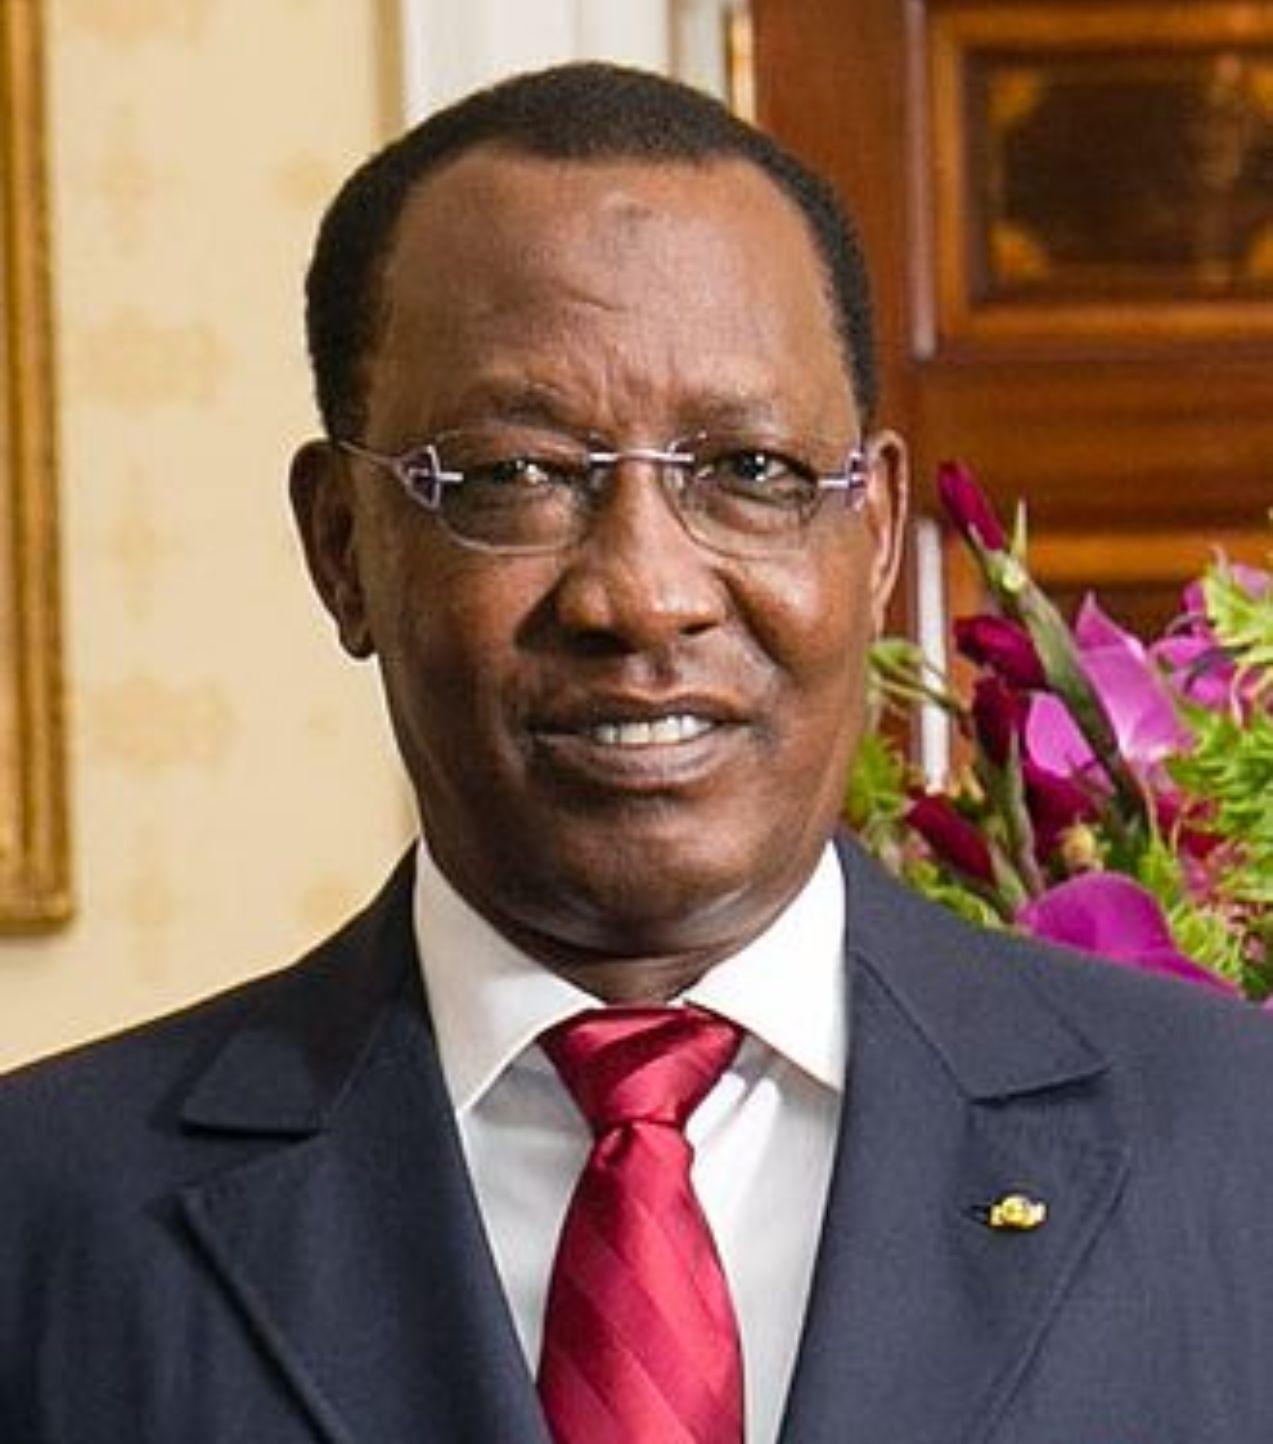 H.E. General Idriss Déby Itno